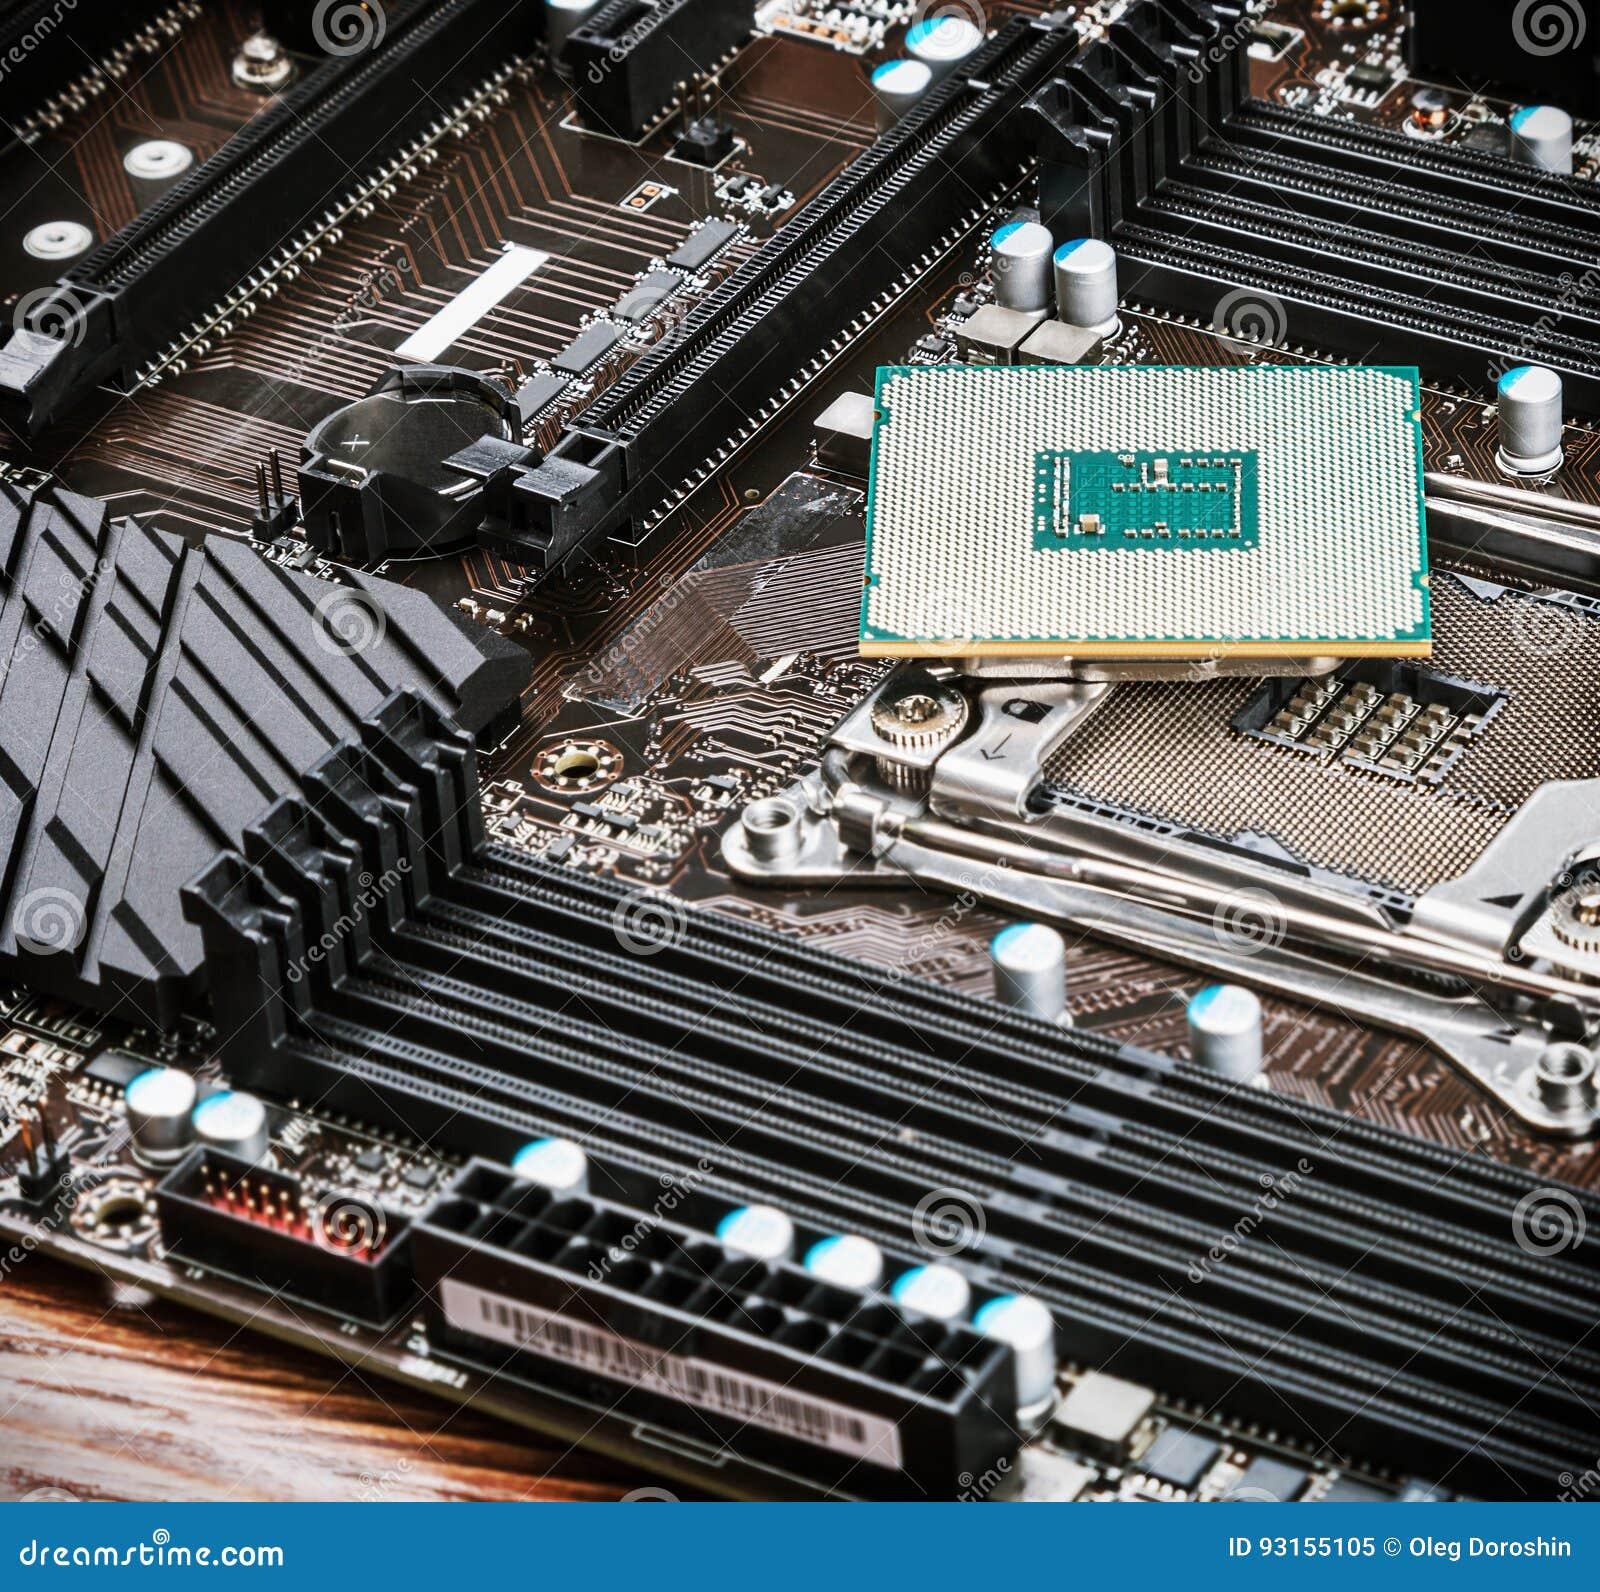 Zócalo y procesador de la CPU